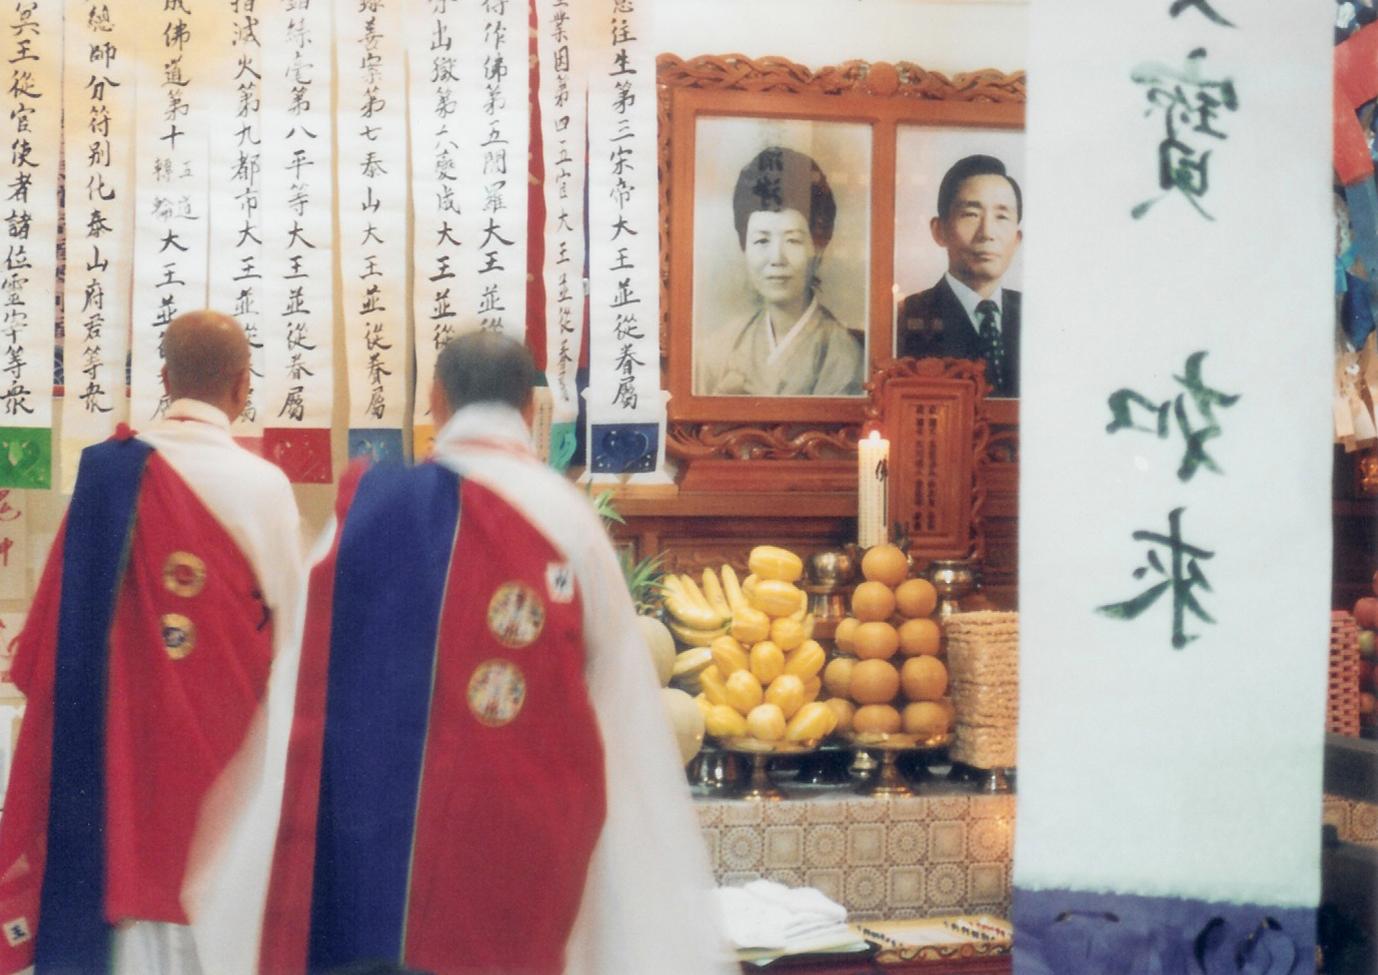 박근혜대통령 당선 2002년 예언 적중, '대한민국과..